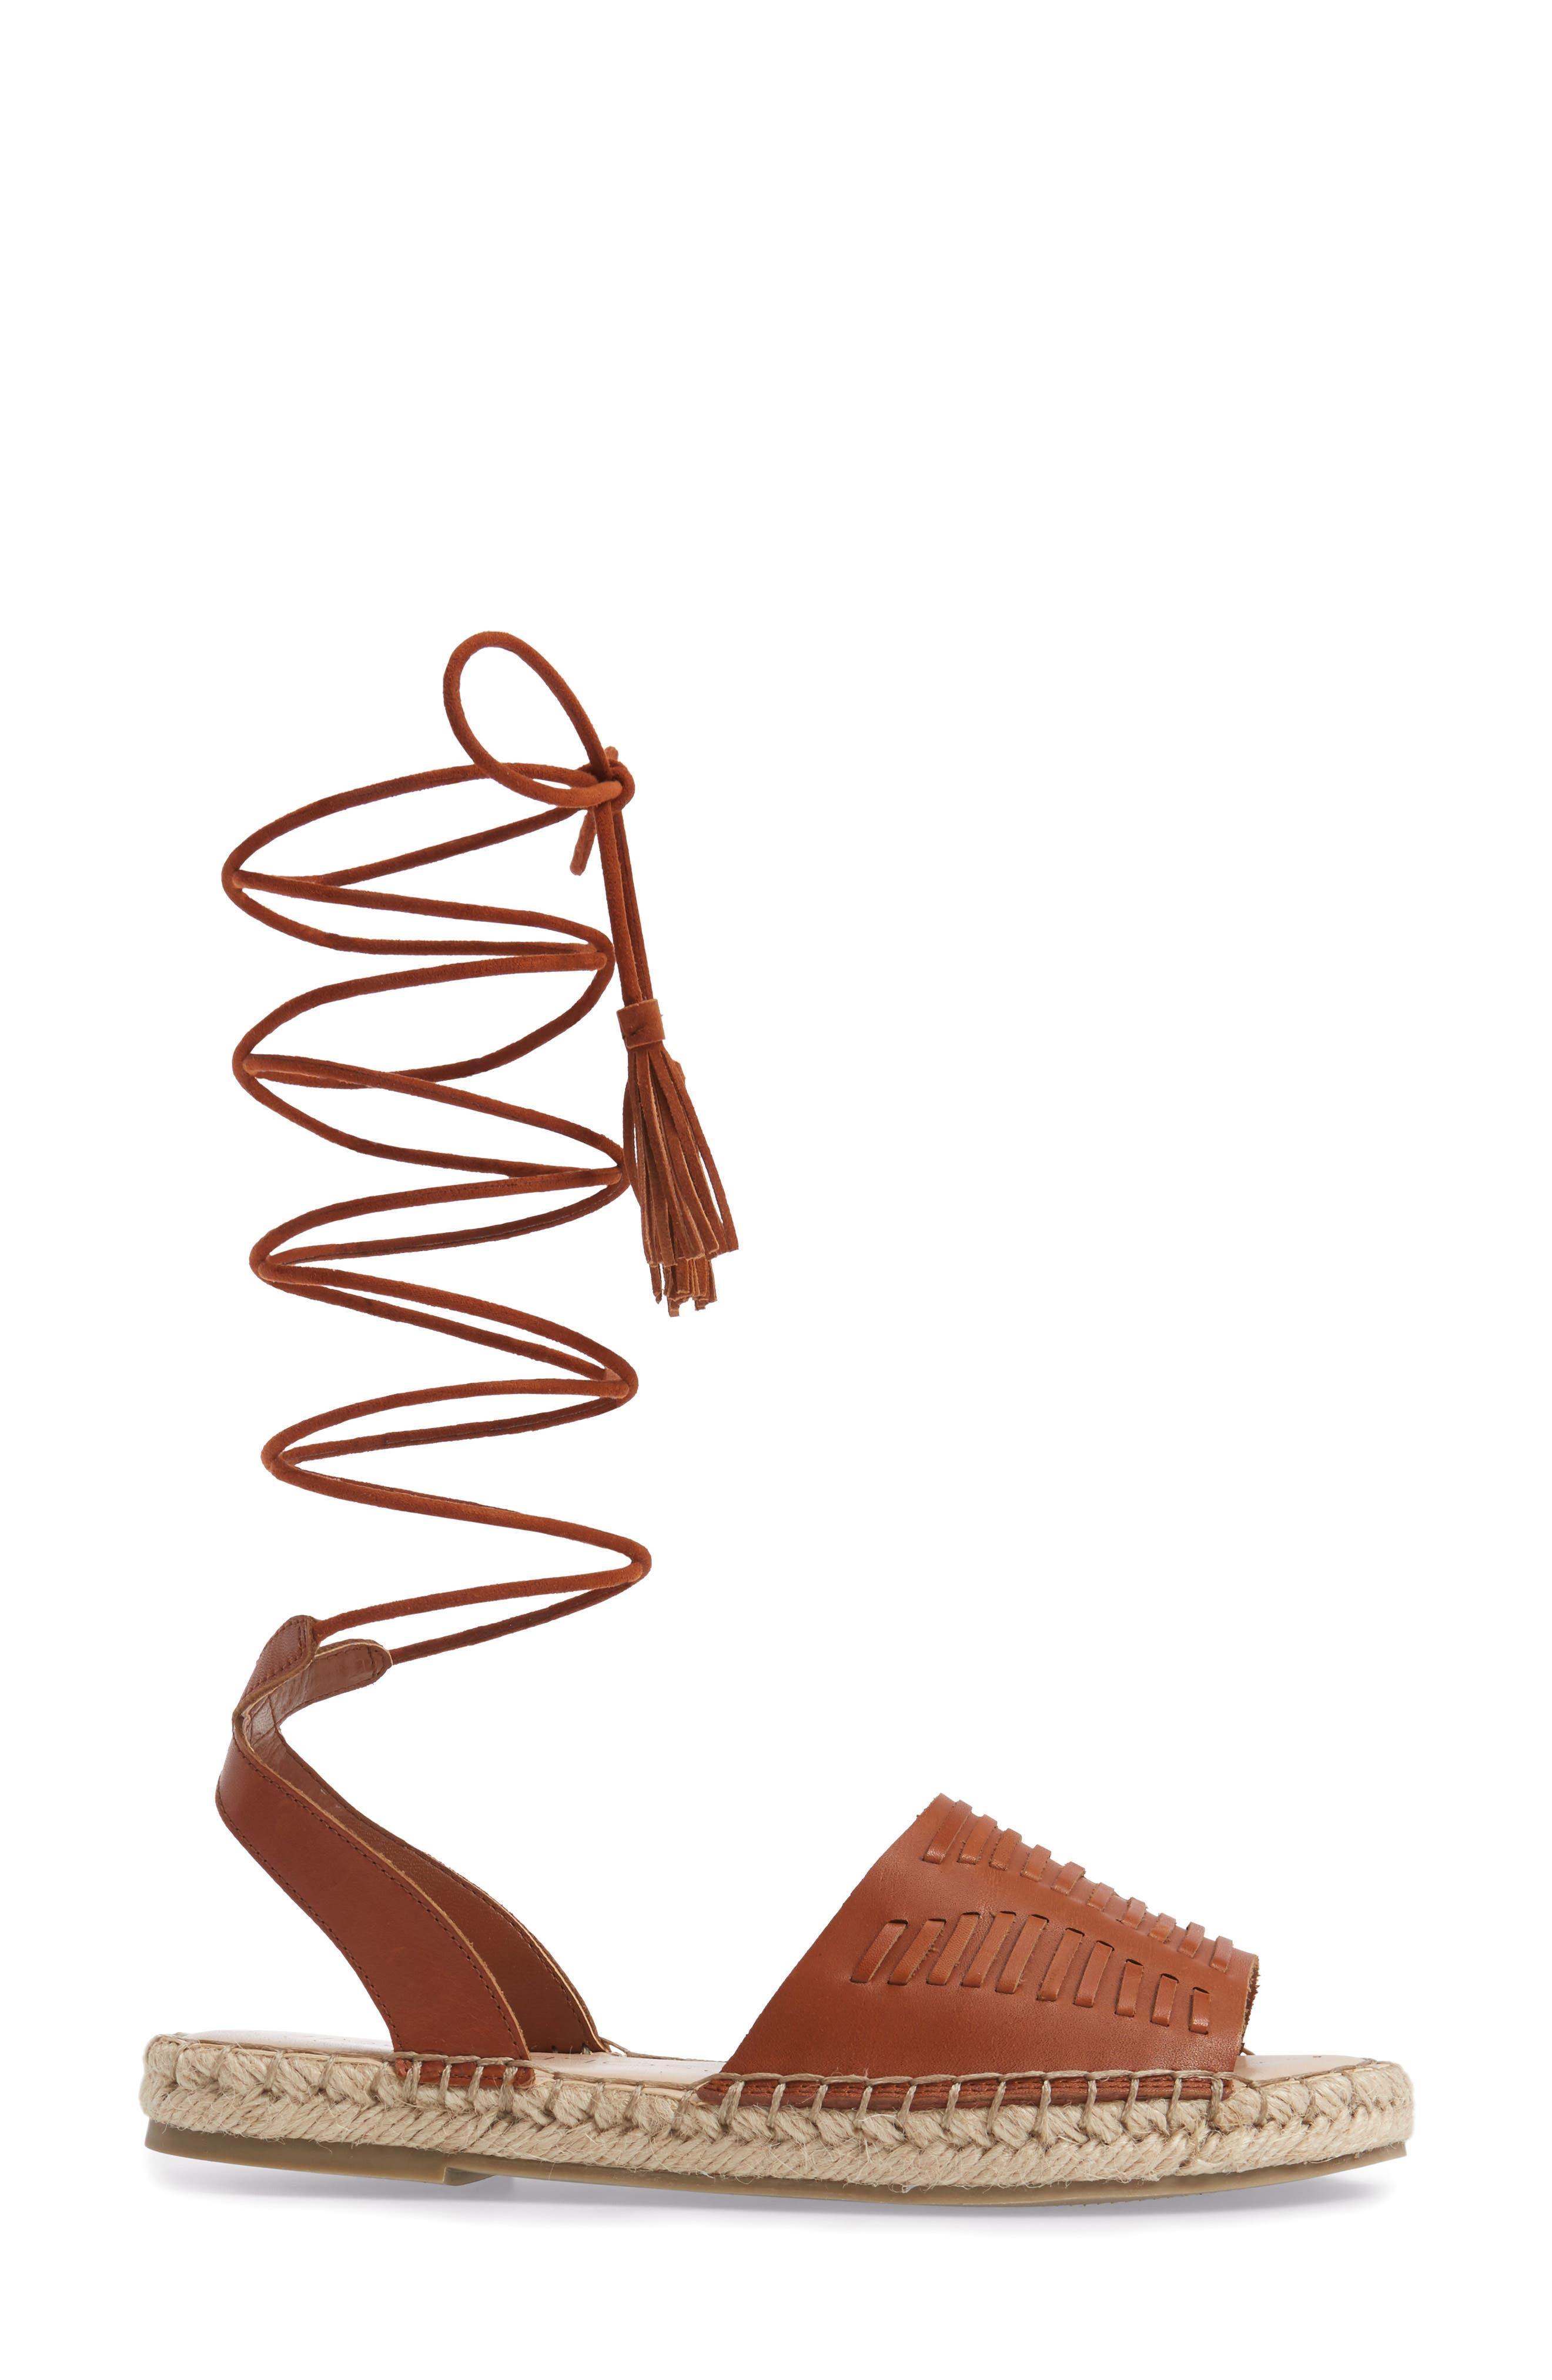 Clover Ankle Wrap Espadrille Sandal,                             Alternate thumbnail 3, color,                             Cognac Leather